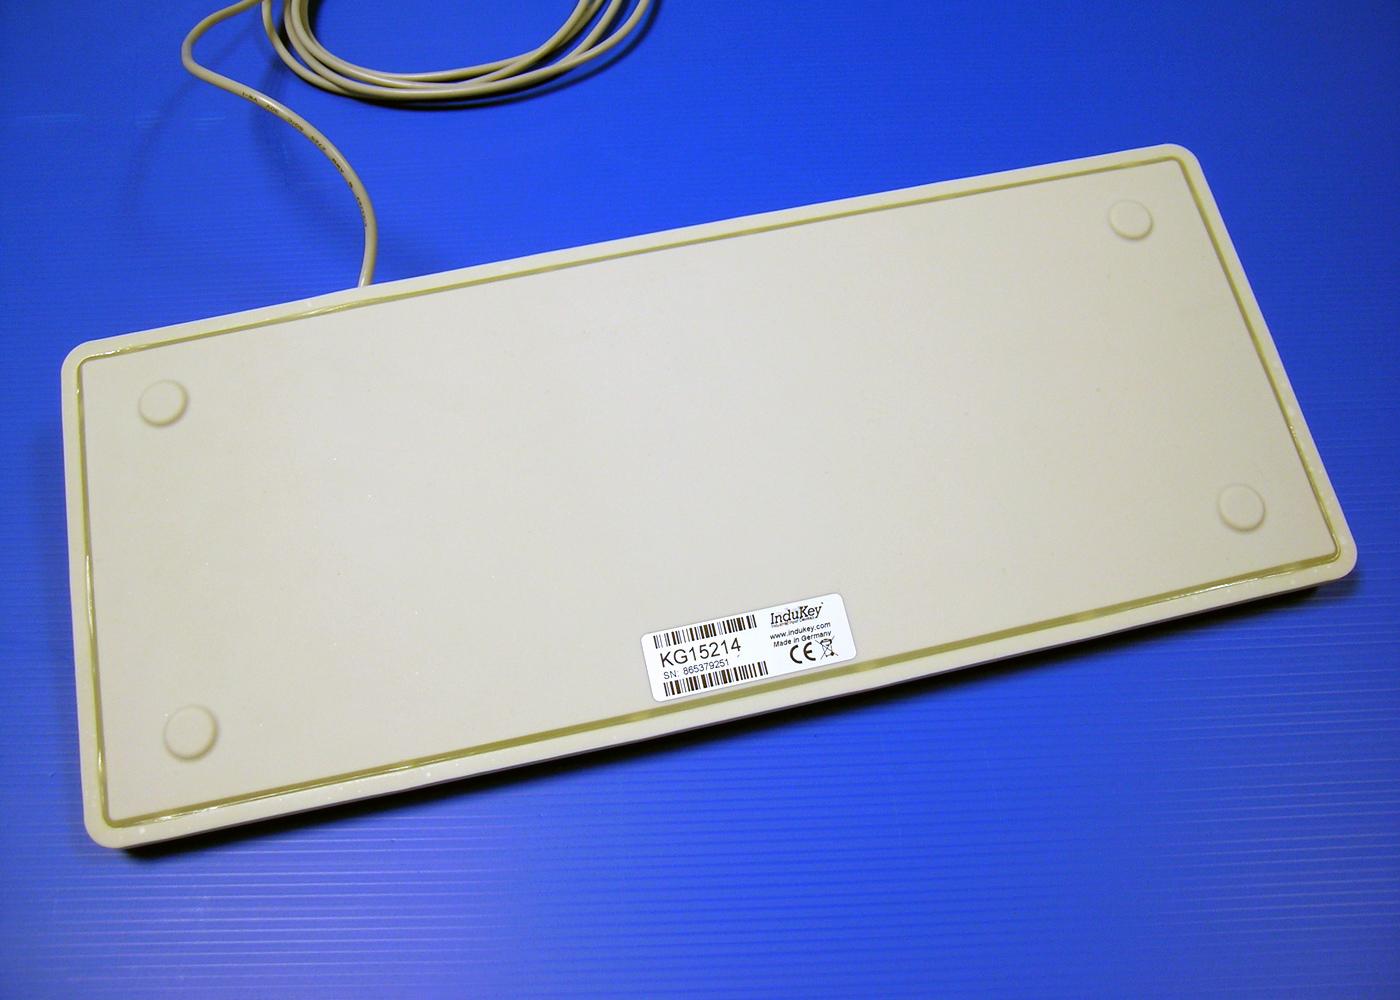 Clavier lavable 105 touches étanche IP68 avec vernis antimicrobien – Vue arrière